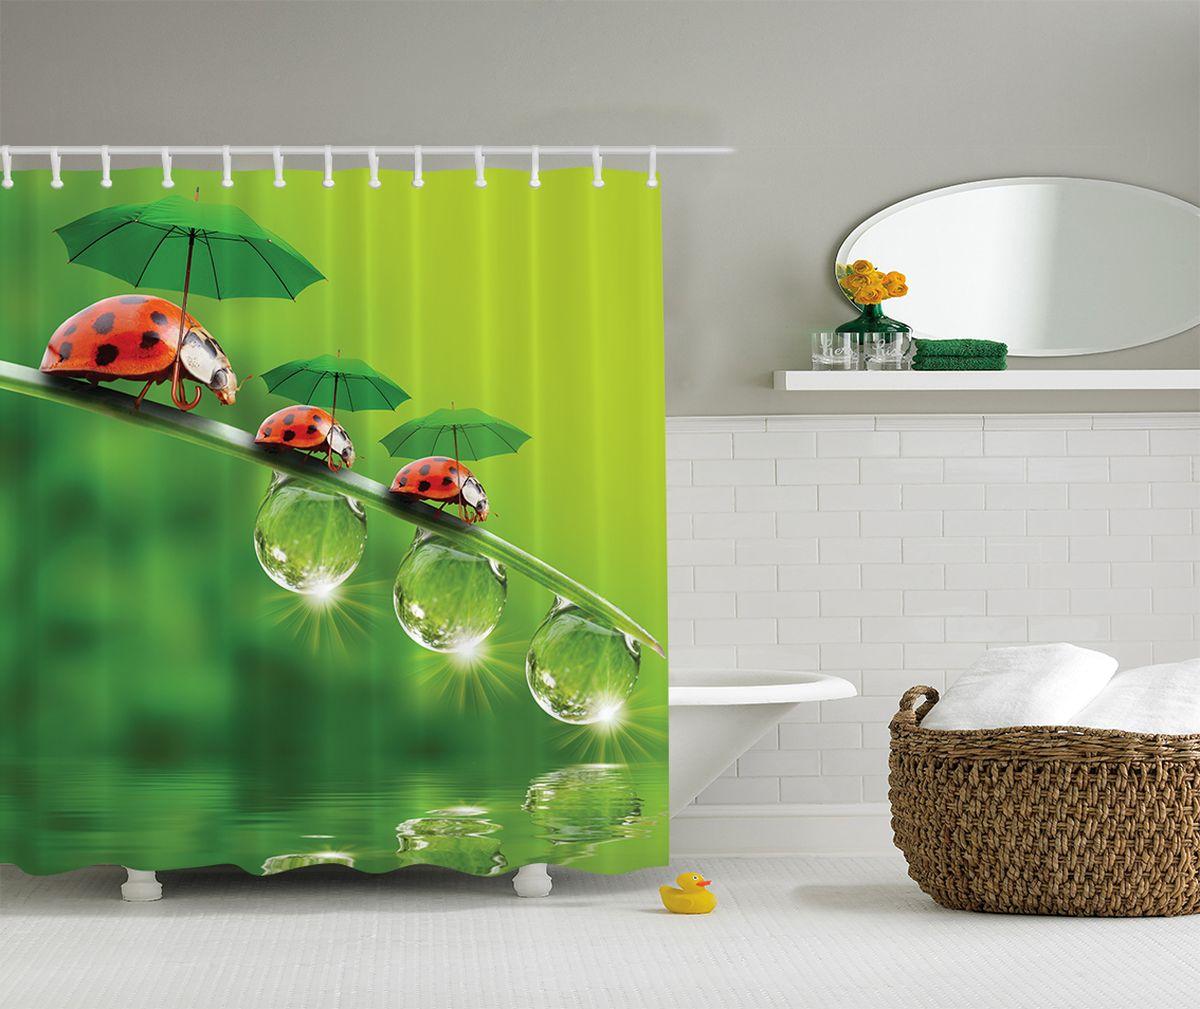 Штора для ванной комнаты Magic Lady Семья и зонты, 180 х 200 смшв_14607Штора для ванной комнаты Magic Lady выполнена из высококачественного сатена (полиэстер 100%). При изготовлении используютсяспециальные гипоаллергенные чернила для прямой печати по ткани, безопасные для человека и животных. Экологичность продукции ибезопасность для окружающей среды подтверждены сертификатом Oeko-Tex Standard 100.Крепление: крючки (12 шт).Внимание! При нанесении сублимационной печати на ткань технологическим методом при температуре 240 С, возможно отклонение полученныхразмеров, указанных на этикетке и сайте, от стандартных на + - 3-5 см).Размер шторы: 180 х 200 см.В комплекте 1 штора и 12 крючков.